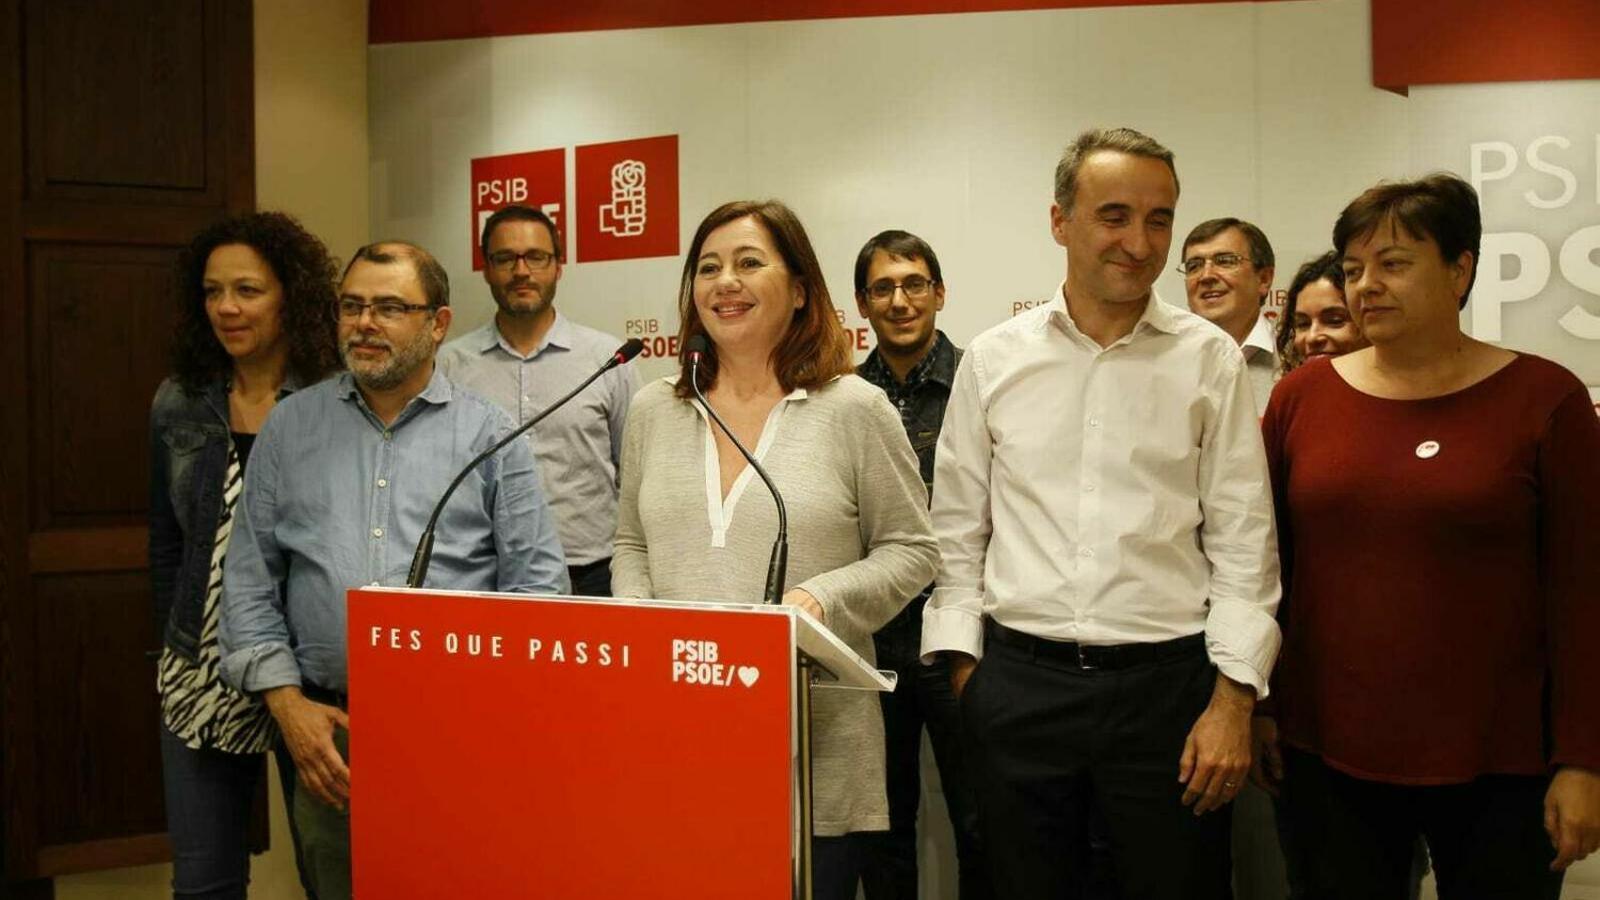 Imatge dels representants dels PSIB després de les eleccions autonòmiques del 28 d'abril.